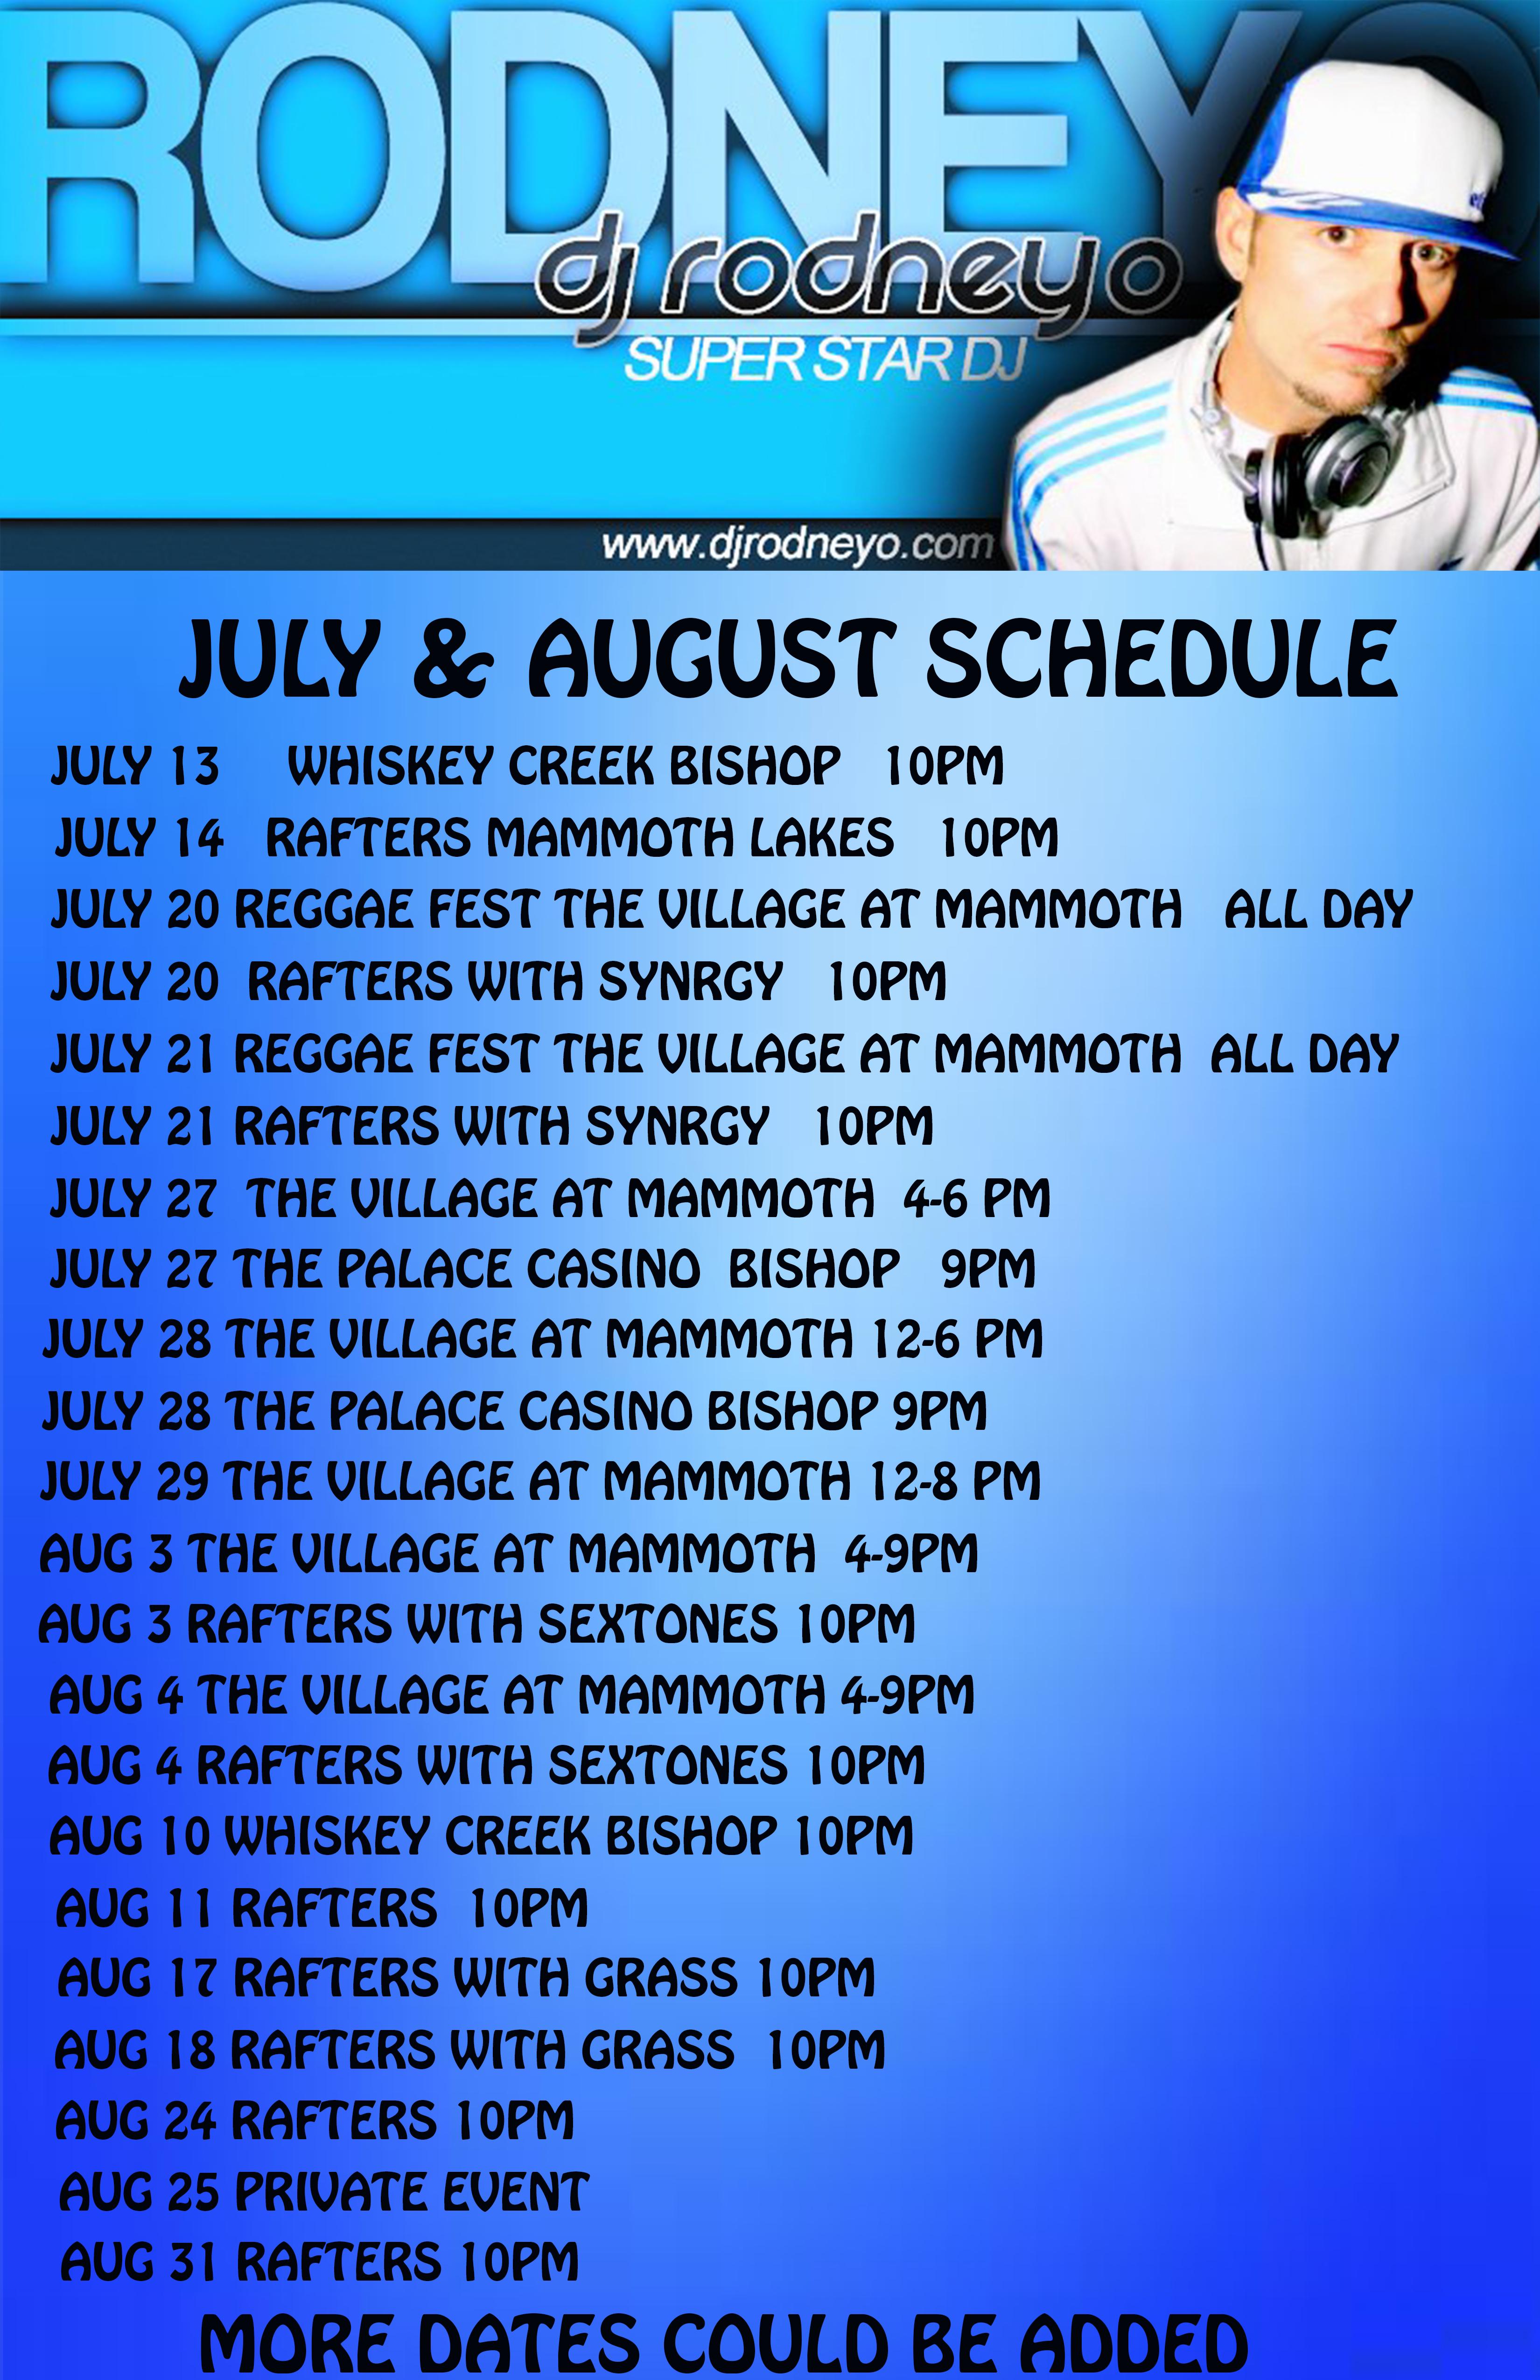 dj Rodneyo Summer 2018 Schedule